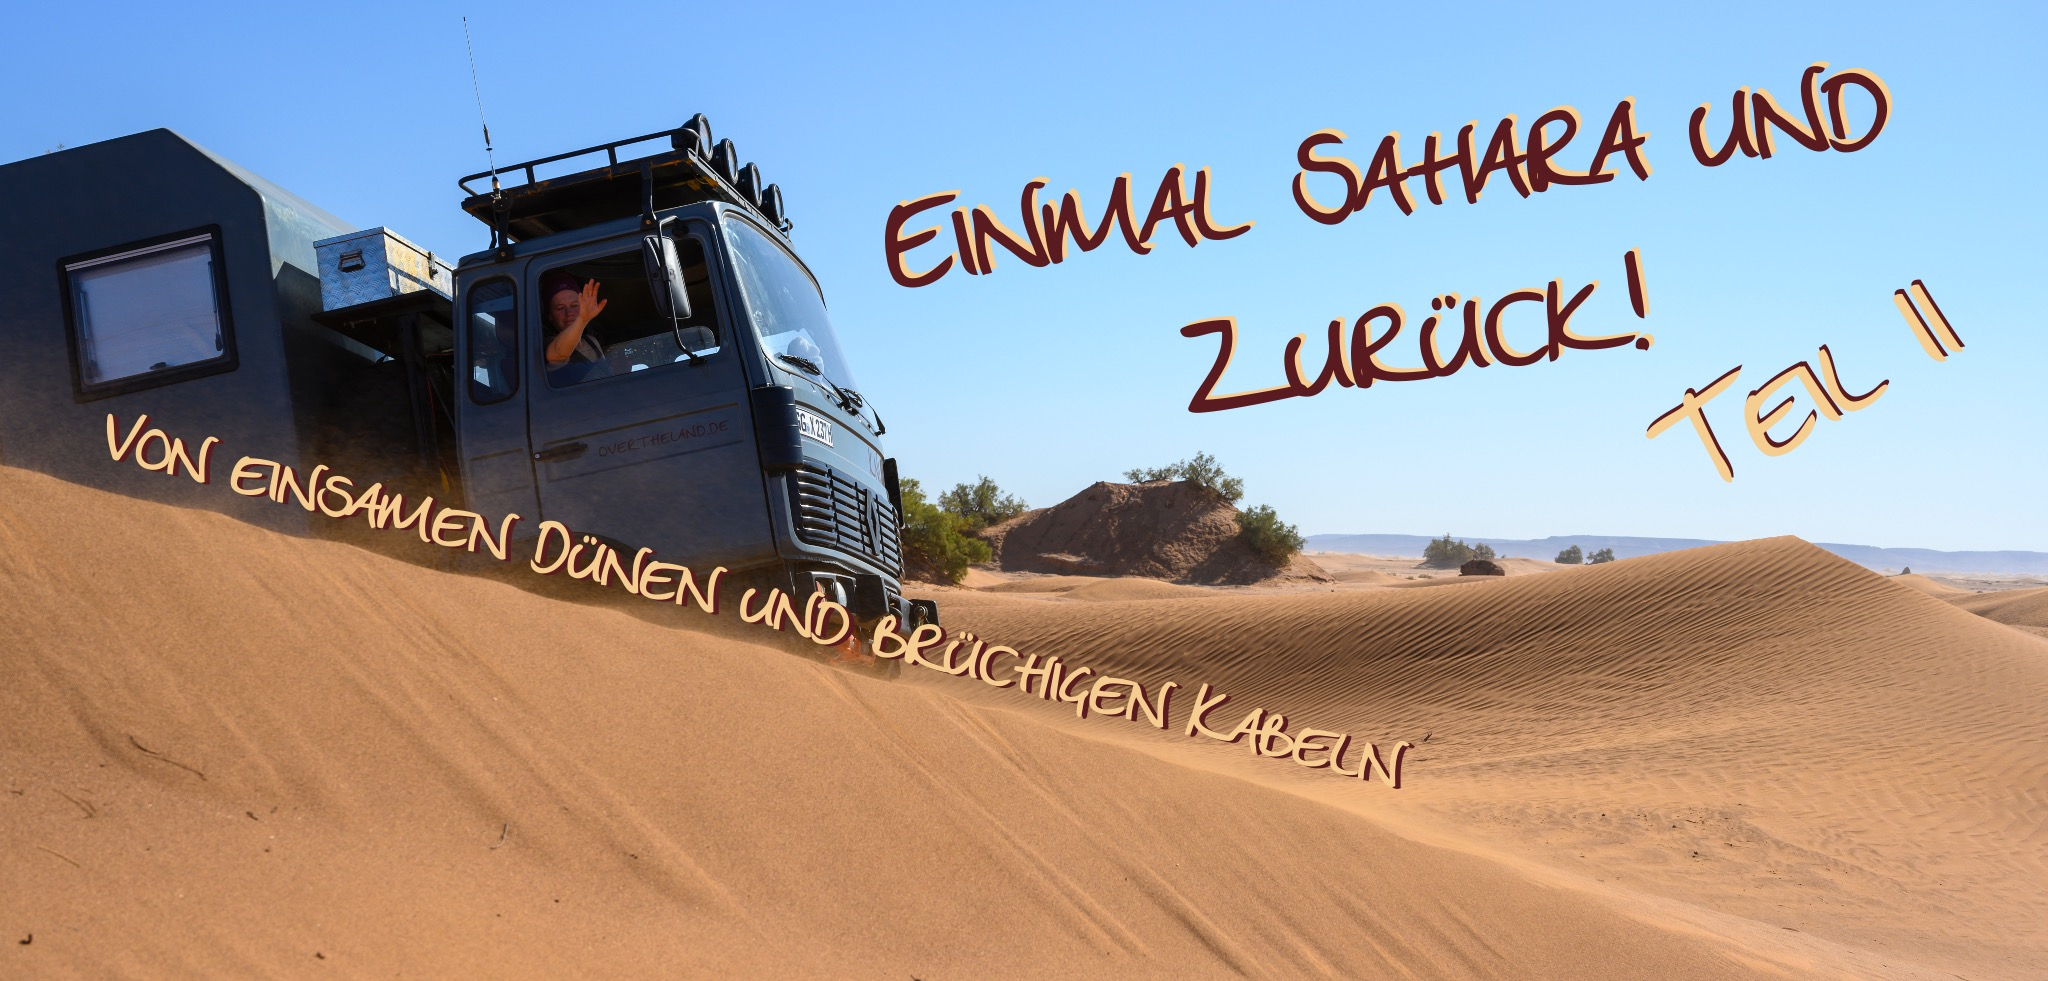 Einmal Sahara und zurück! Teil 2